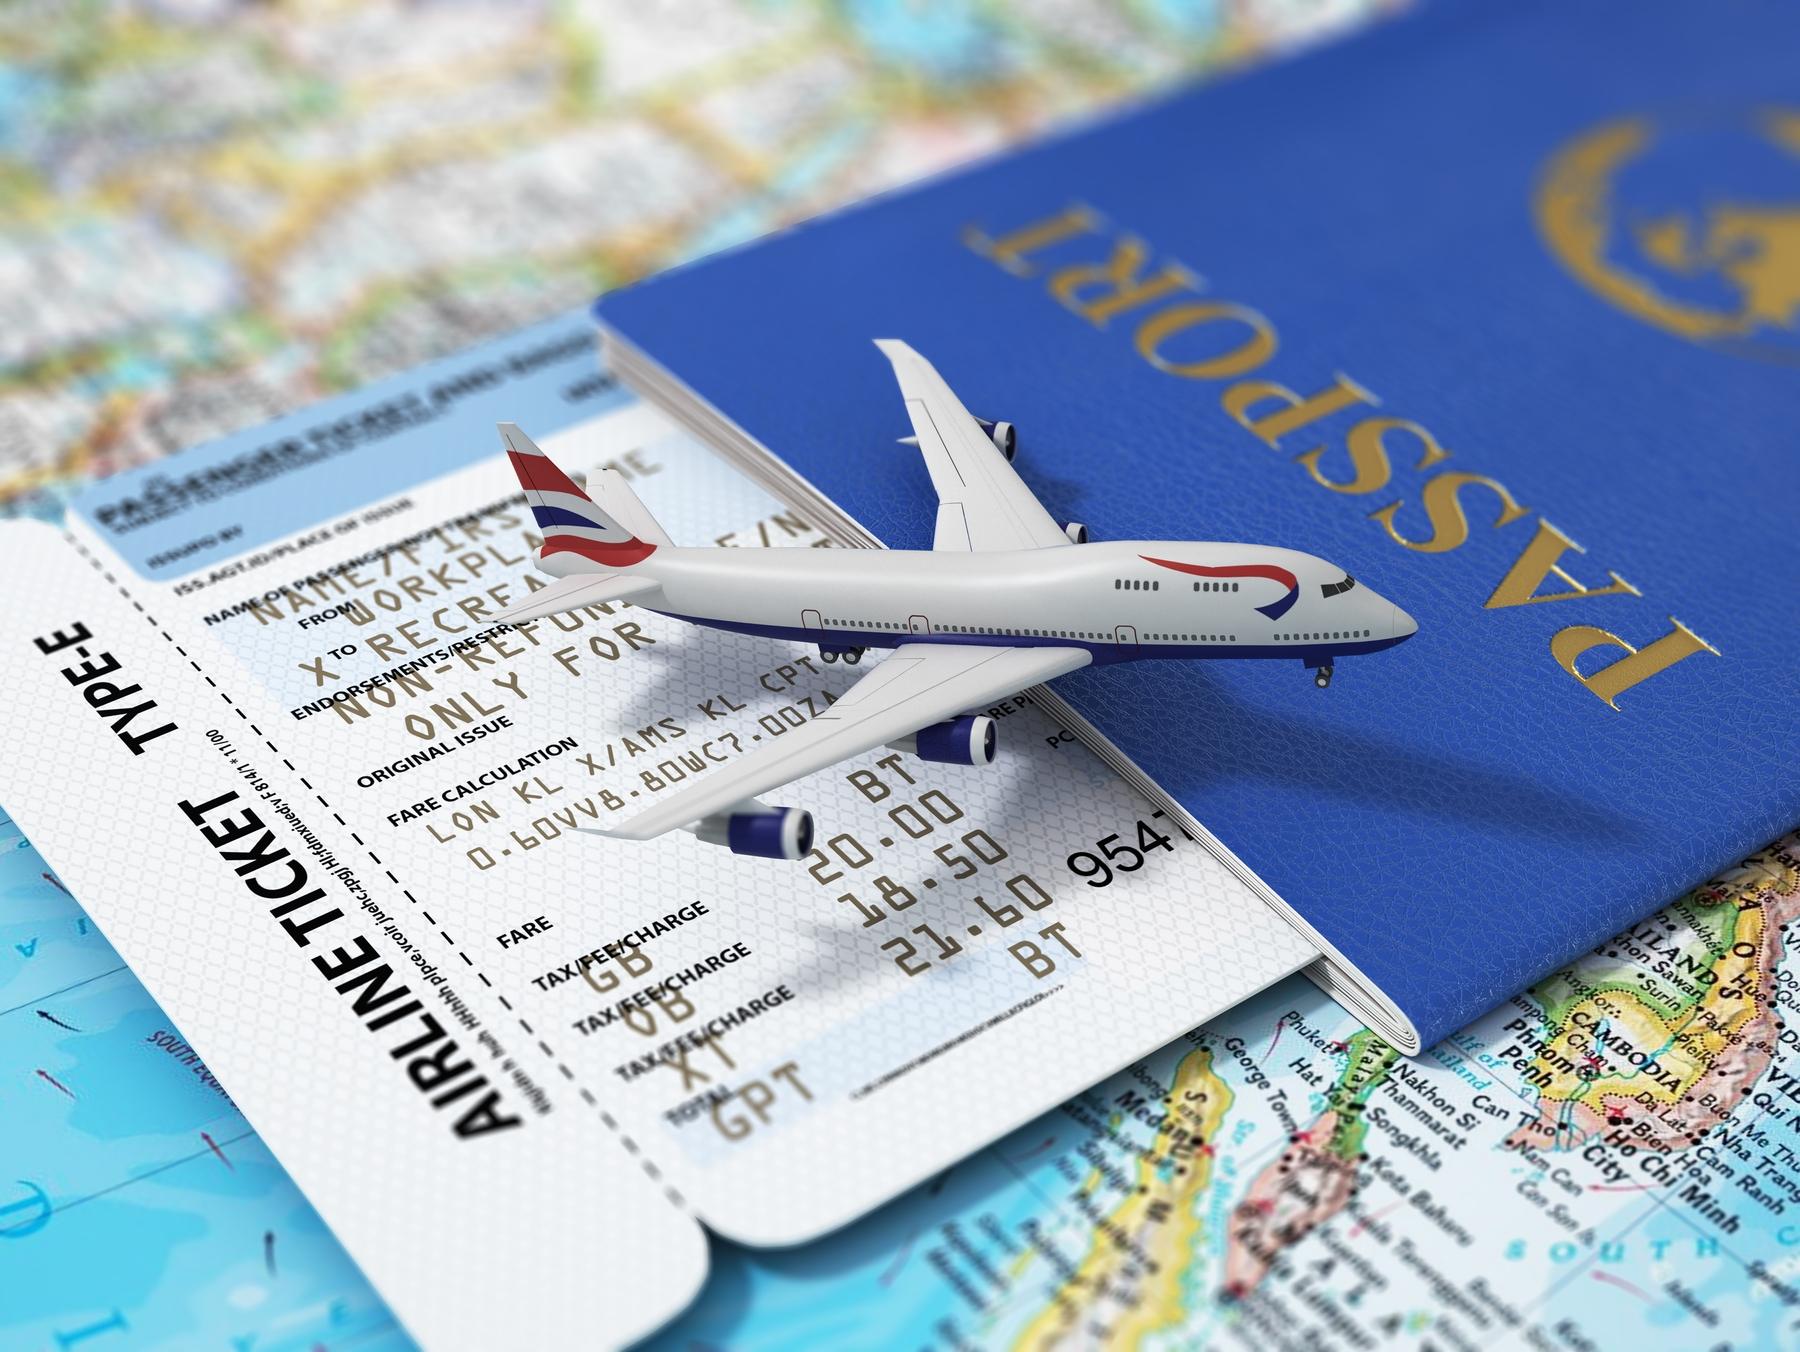 Conserva siempre las tarjetas de embarque para una posible reclamación.